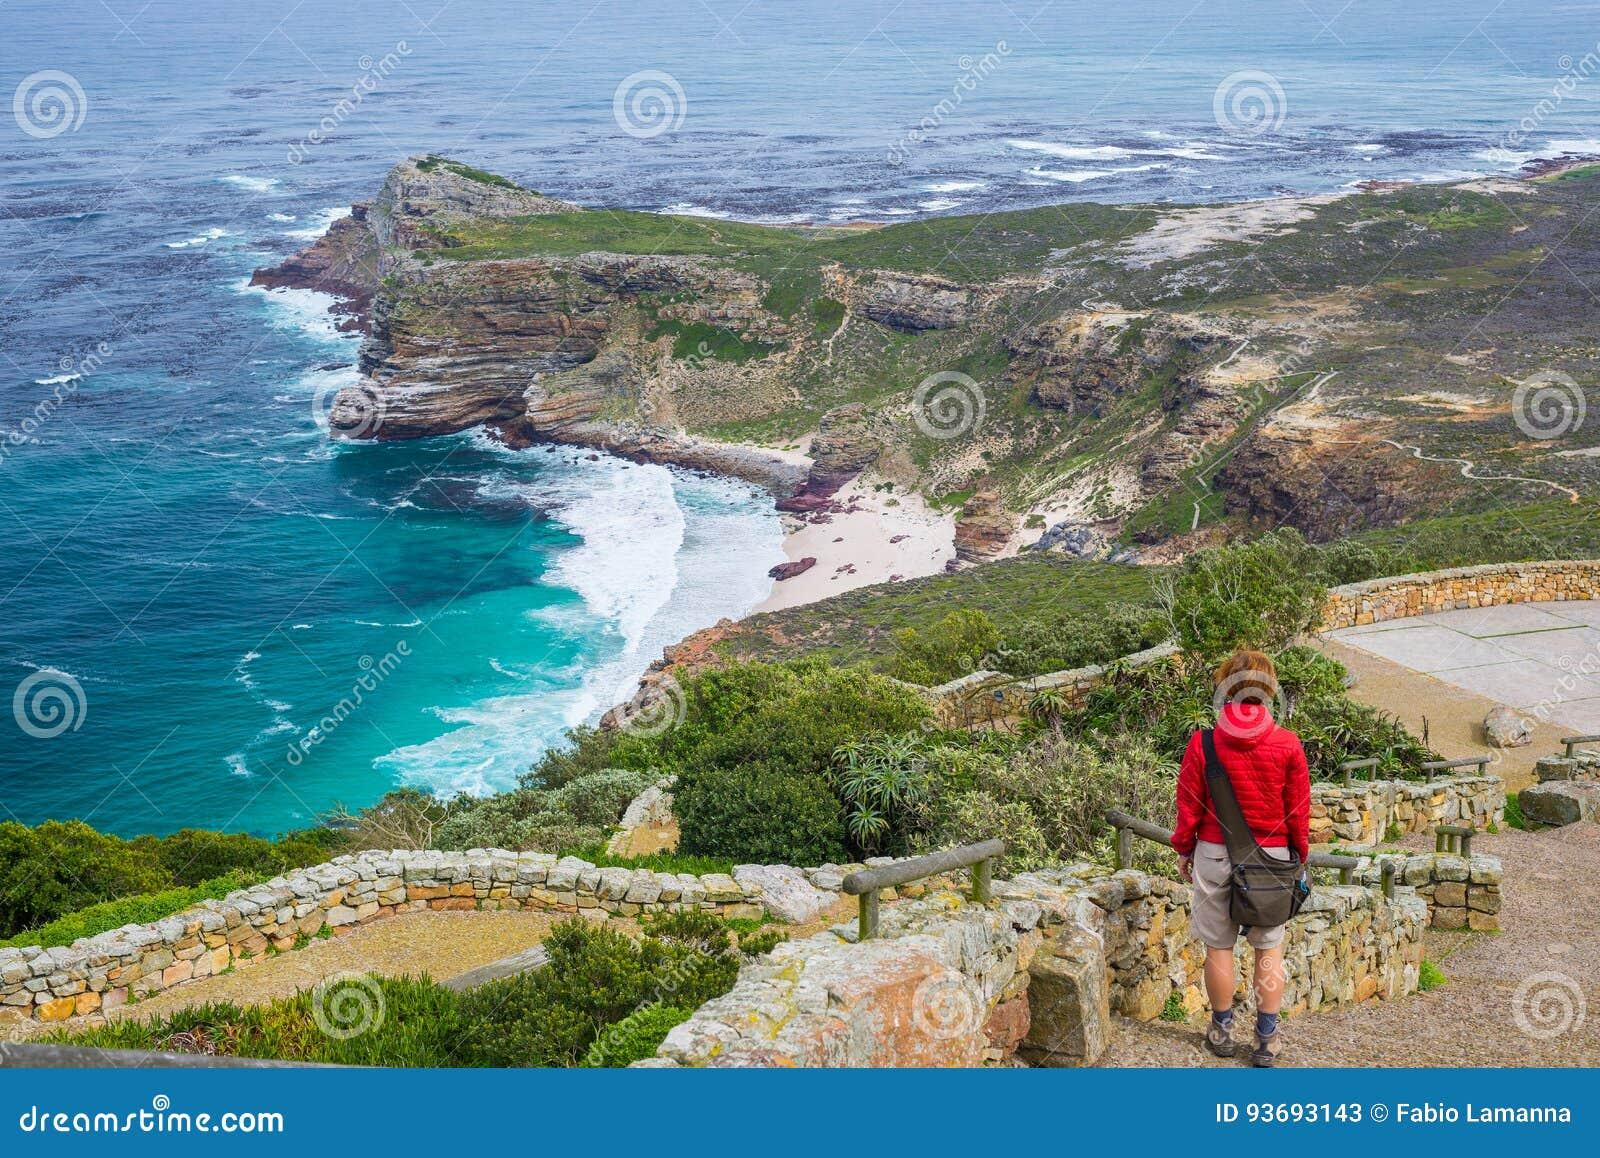 Toerist die op Kaappunt wandelen, die mening van Kaap van Goede Hoop en Dias Beach, toneelreisbestemming in Zuid-Afrika bekijken